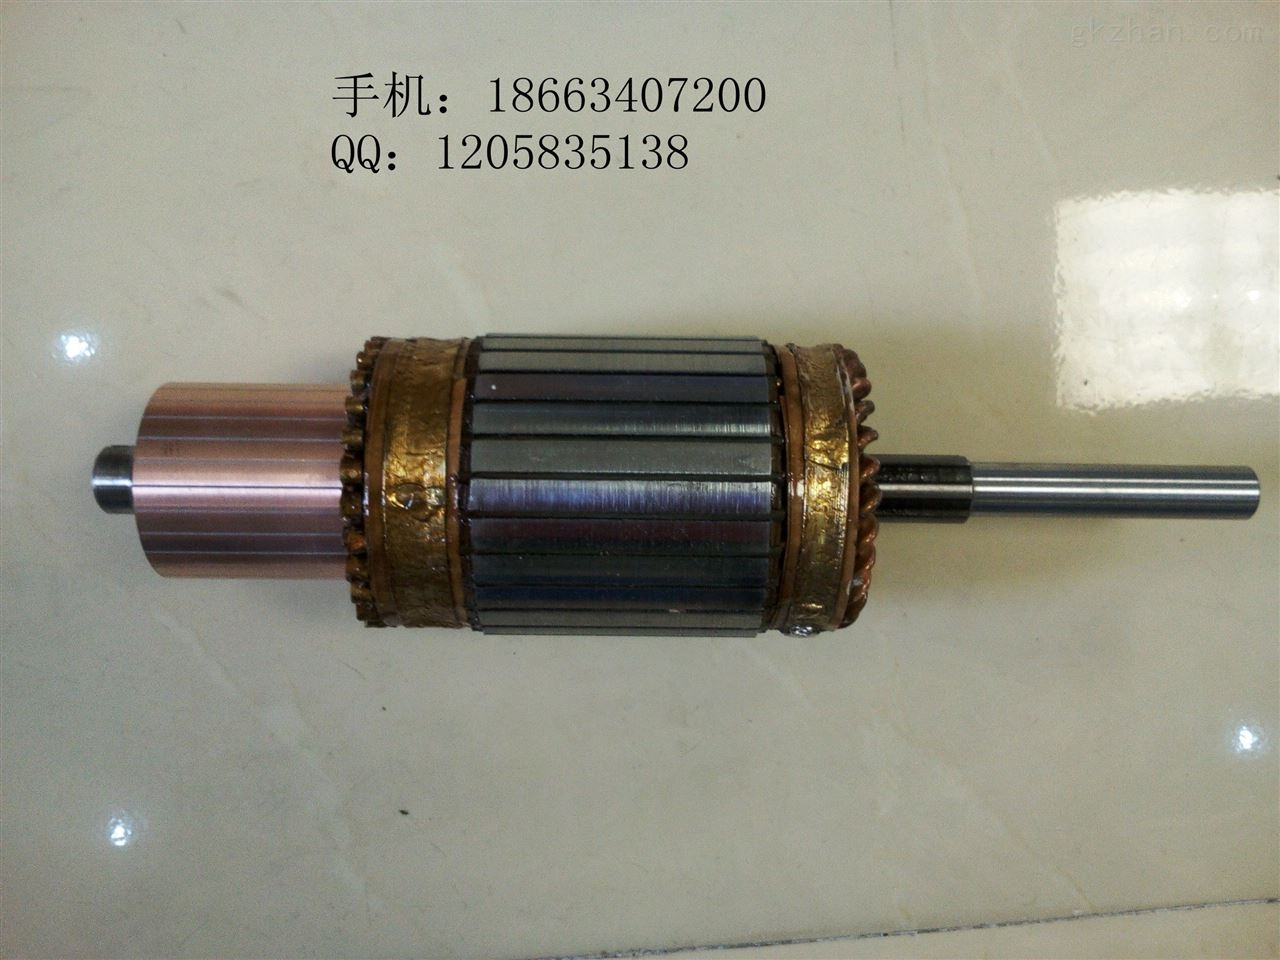 产品库 电气设备/工业电器 发电机 发电机组 st710 上海齐翼启动马达